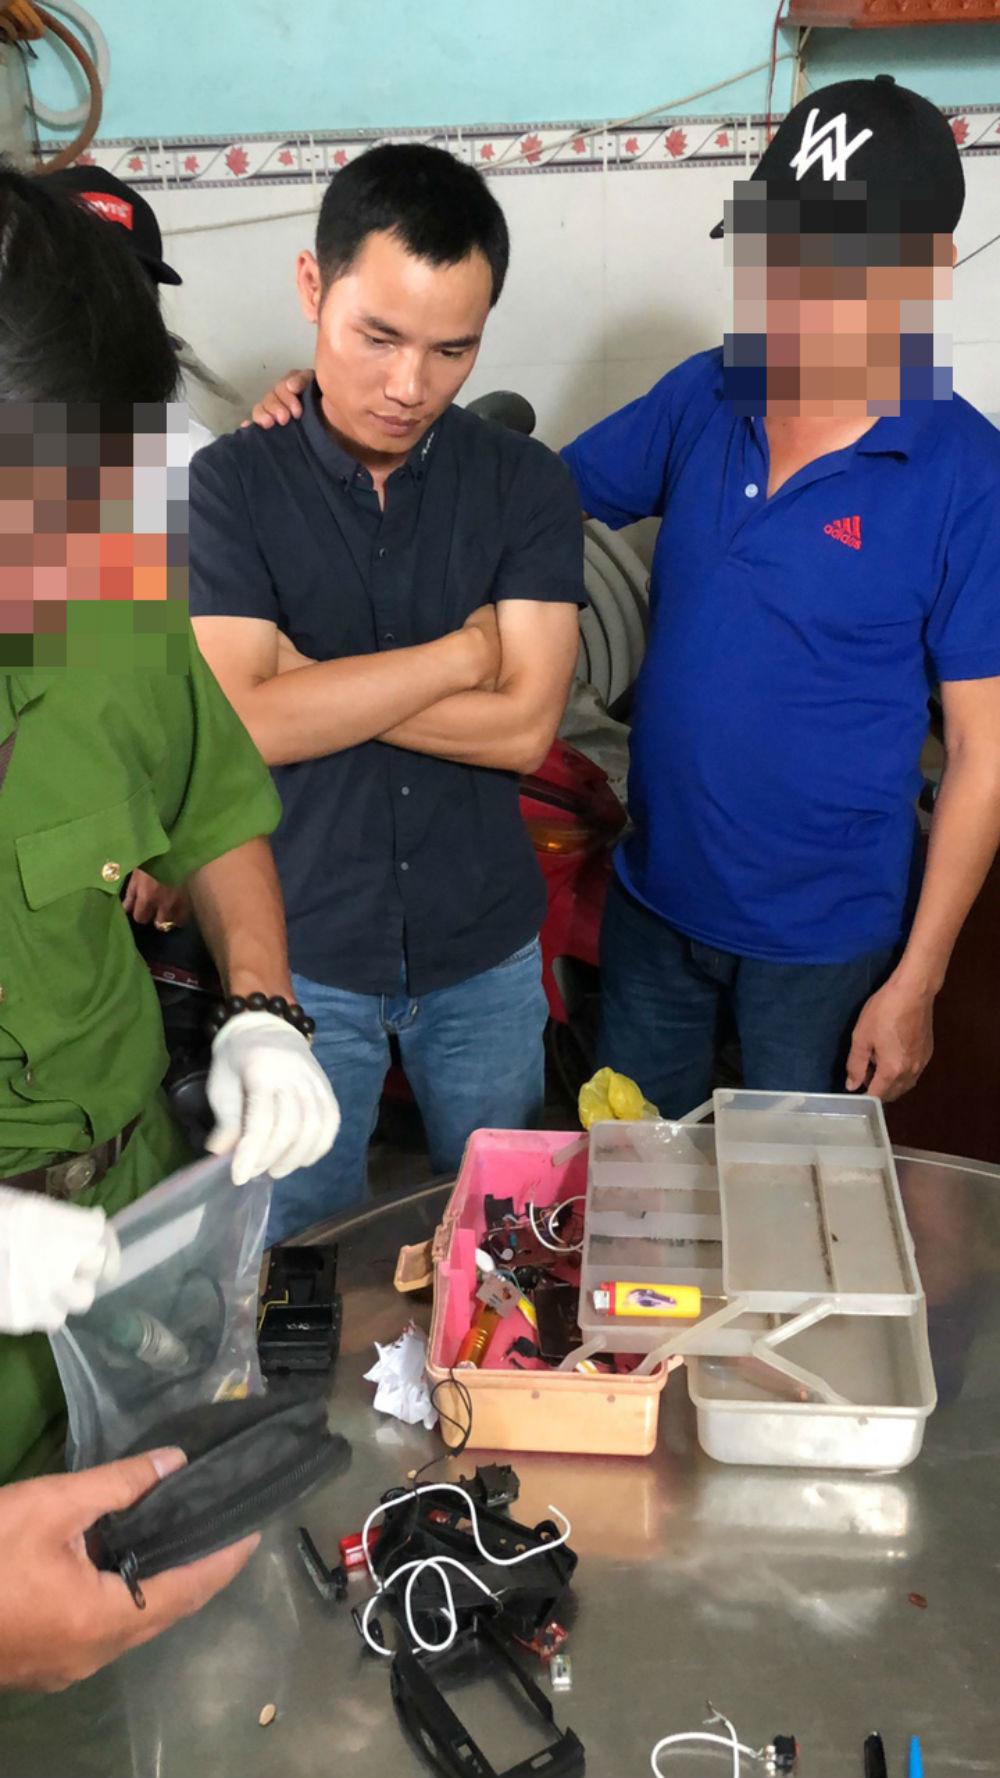 kẻ gửi 'quà' gây nổ, 2 người bị thương,TP Hồ Chí Minh